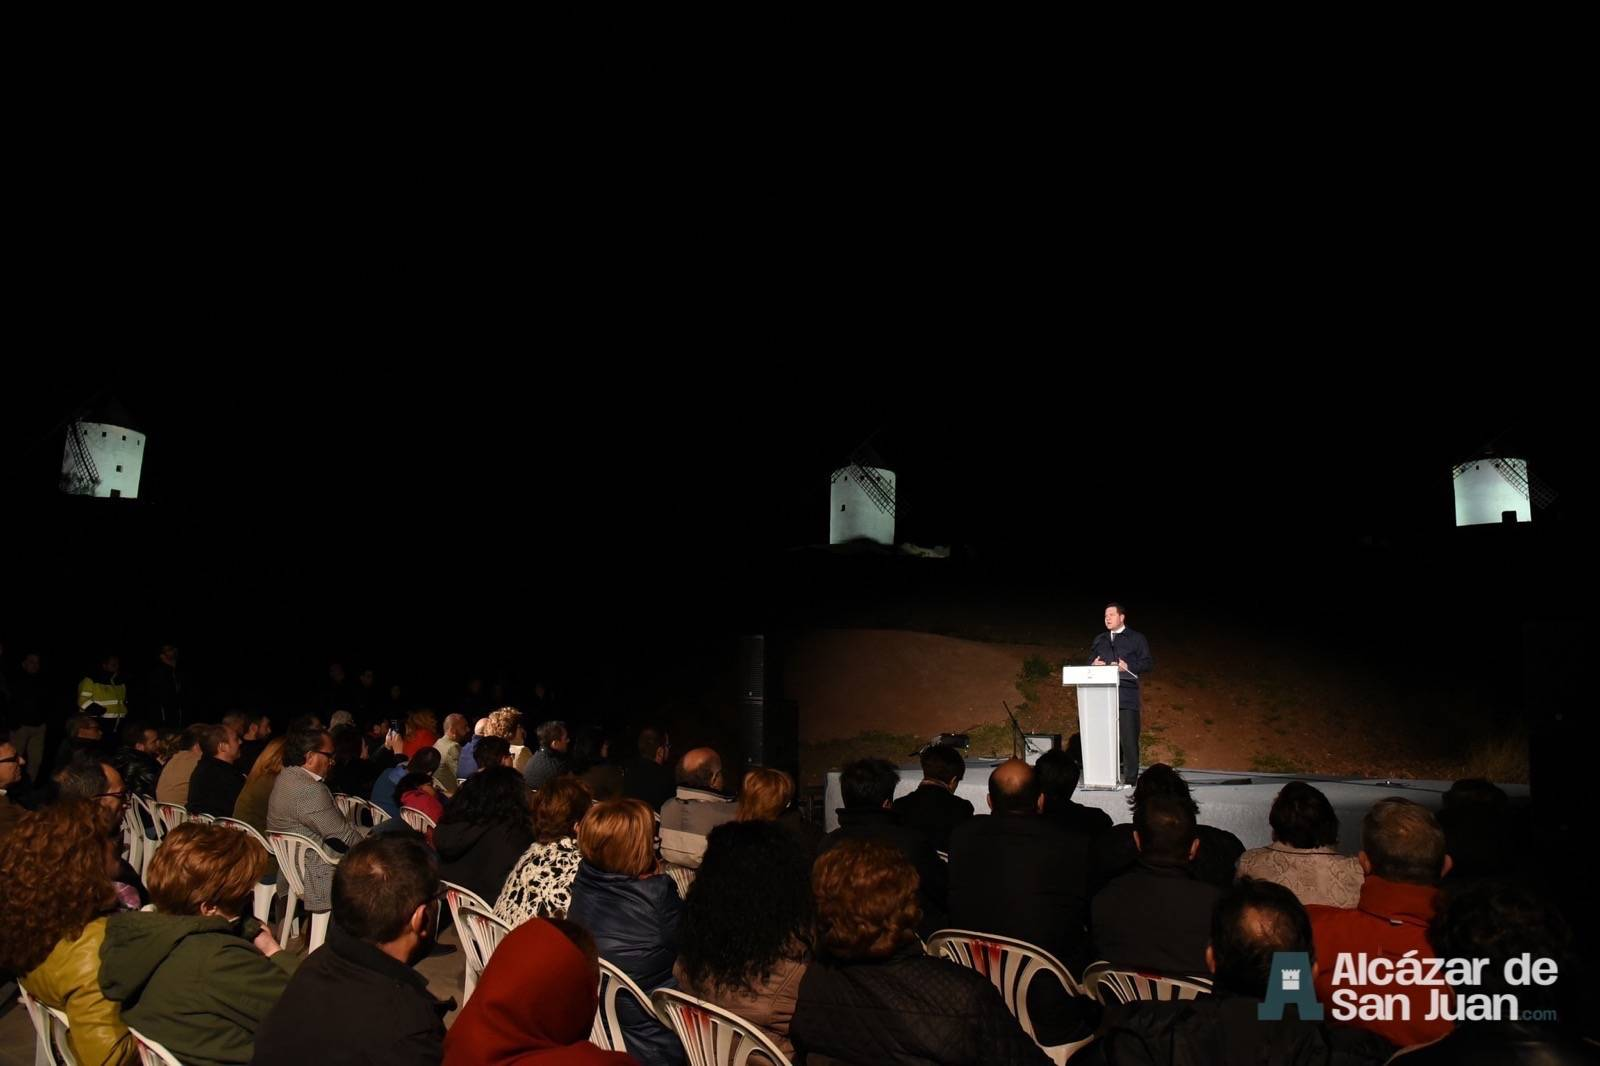 iluminacion artistica moninos viento alcazar san juan 5 - Los molinos de viento de Castilla-La Mancha con iluminación artística como reclamo artístico